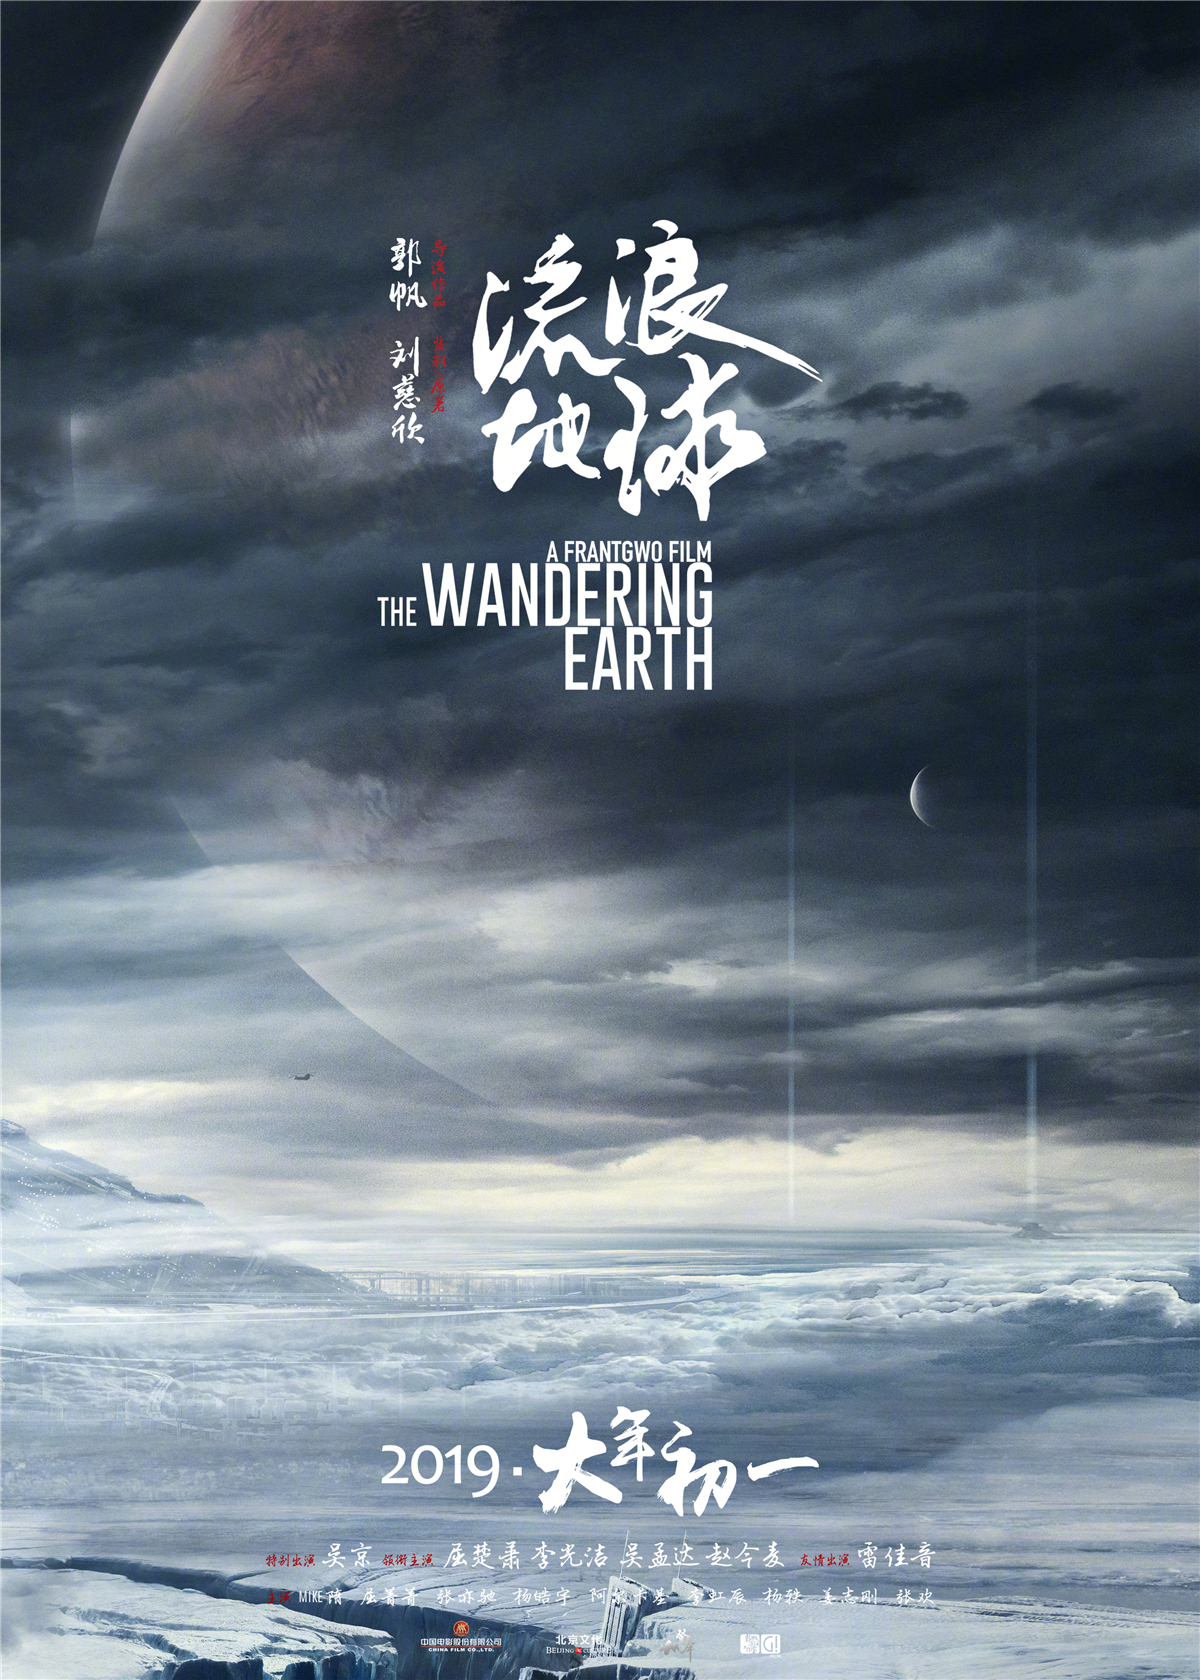 吴京出演的科幻电影《流浪地球》,官方发布